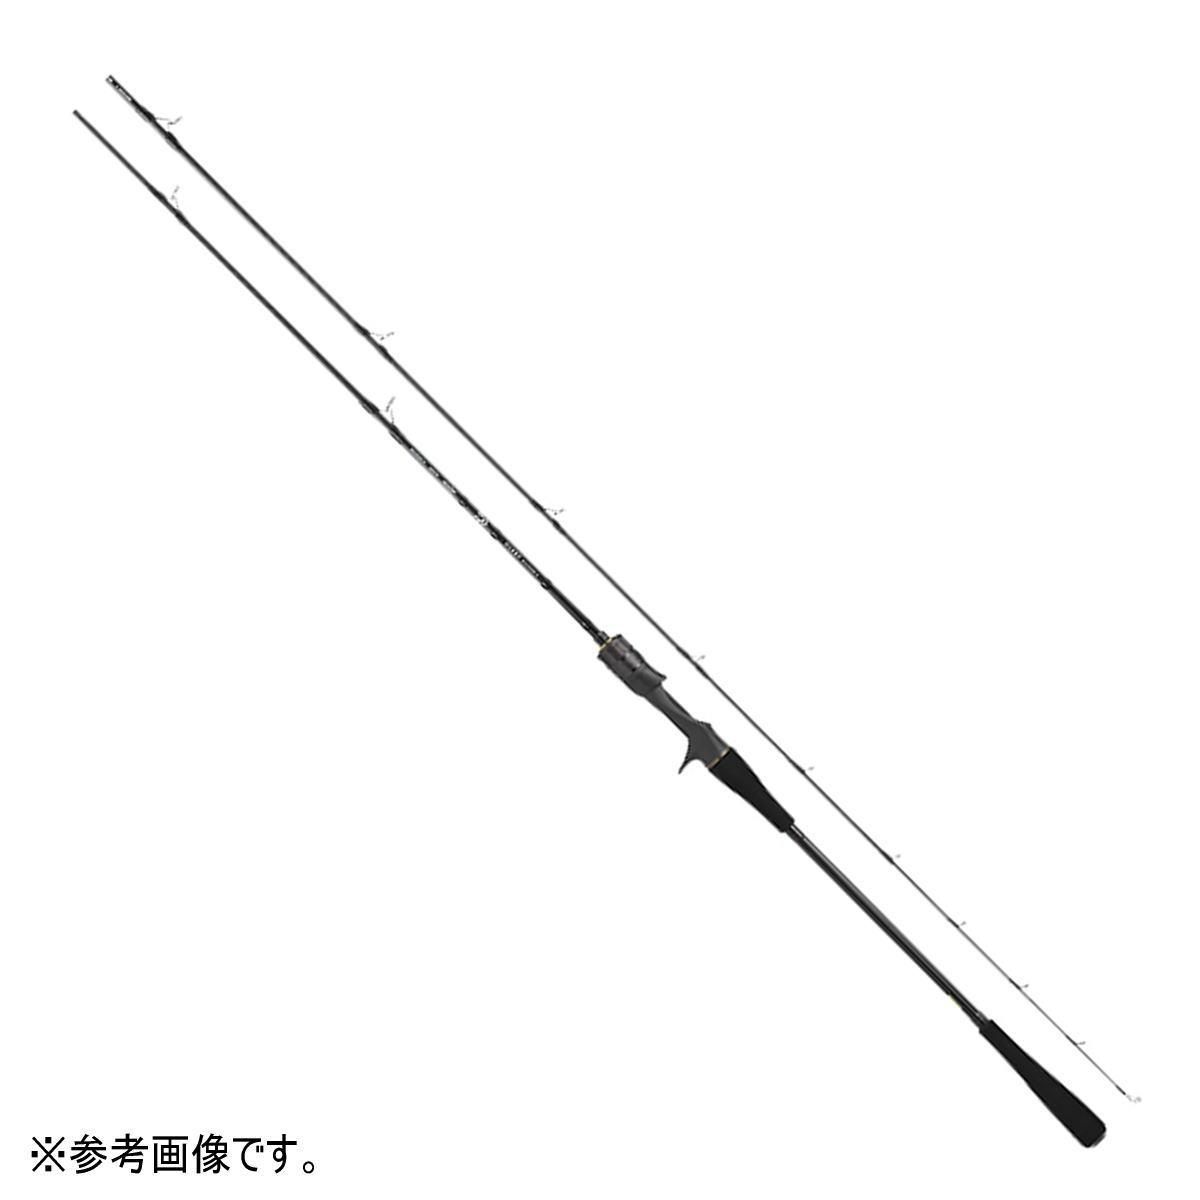 ダイワ ロッド '19 ブラスト BJ 63HB-S・Y 【6】【※大型商品の為同梱不可】